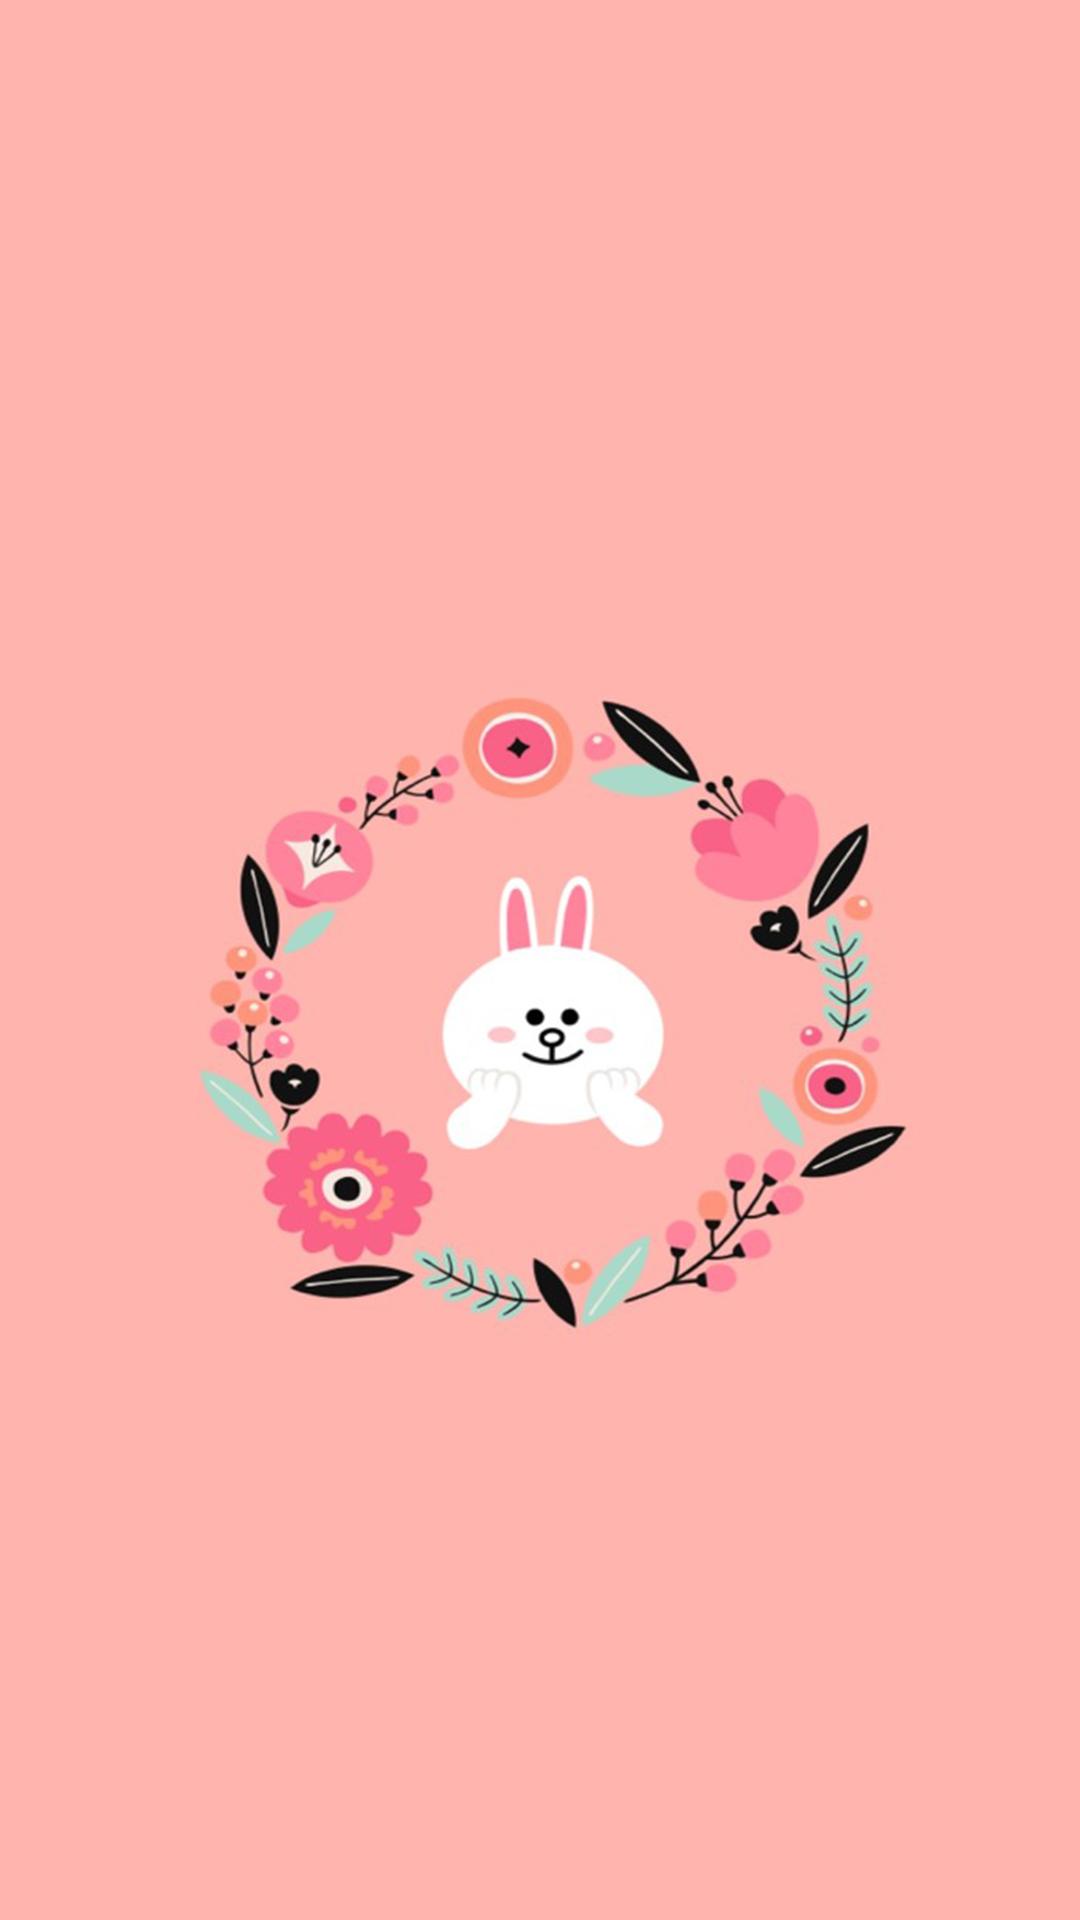 清新蓝色萌系卡通图片手机兔子壁纸